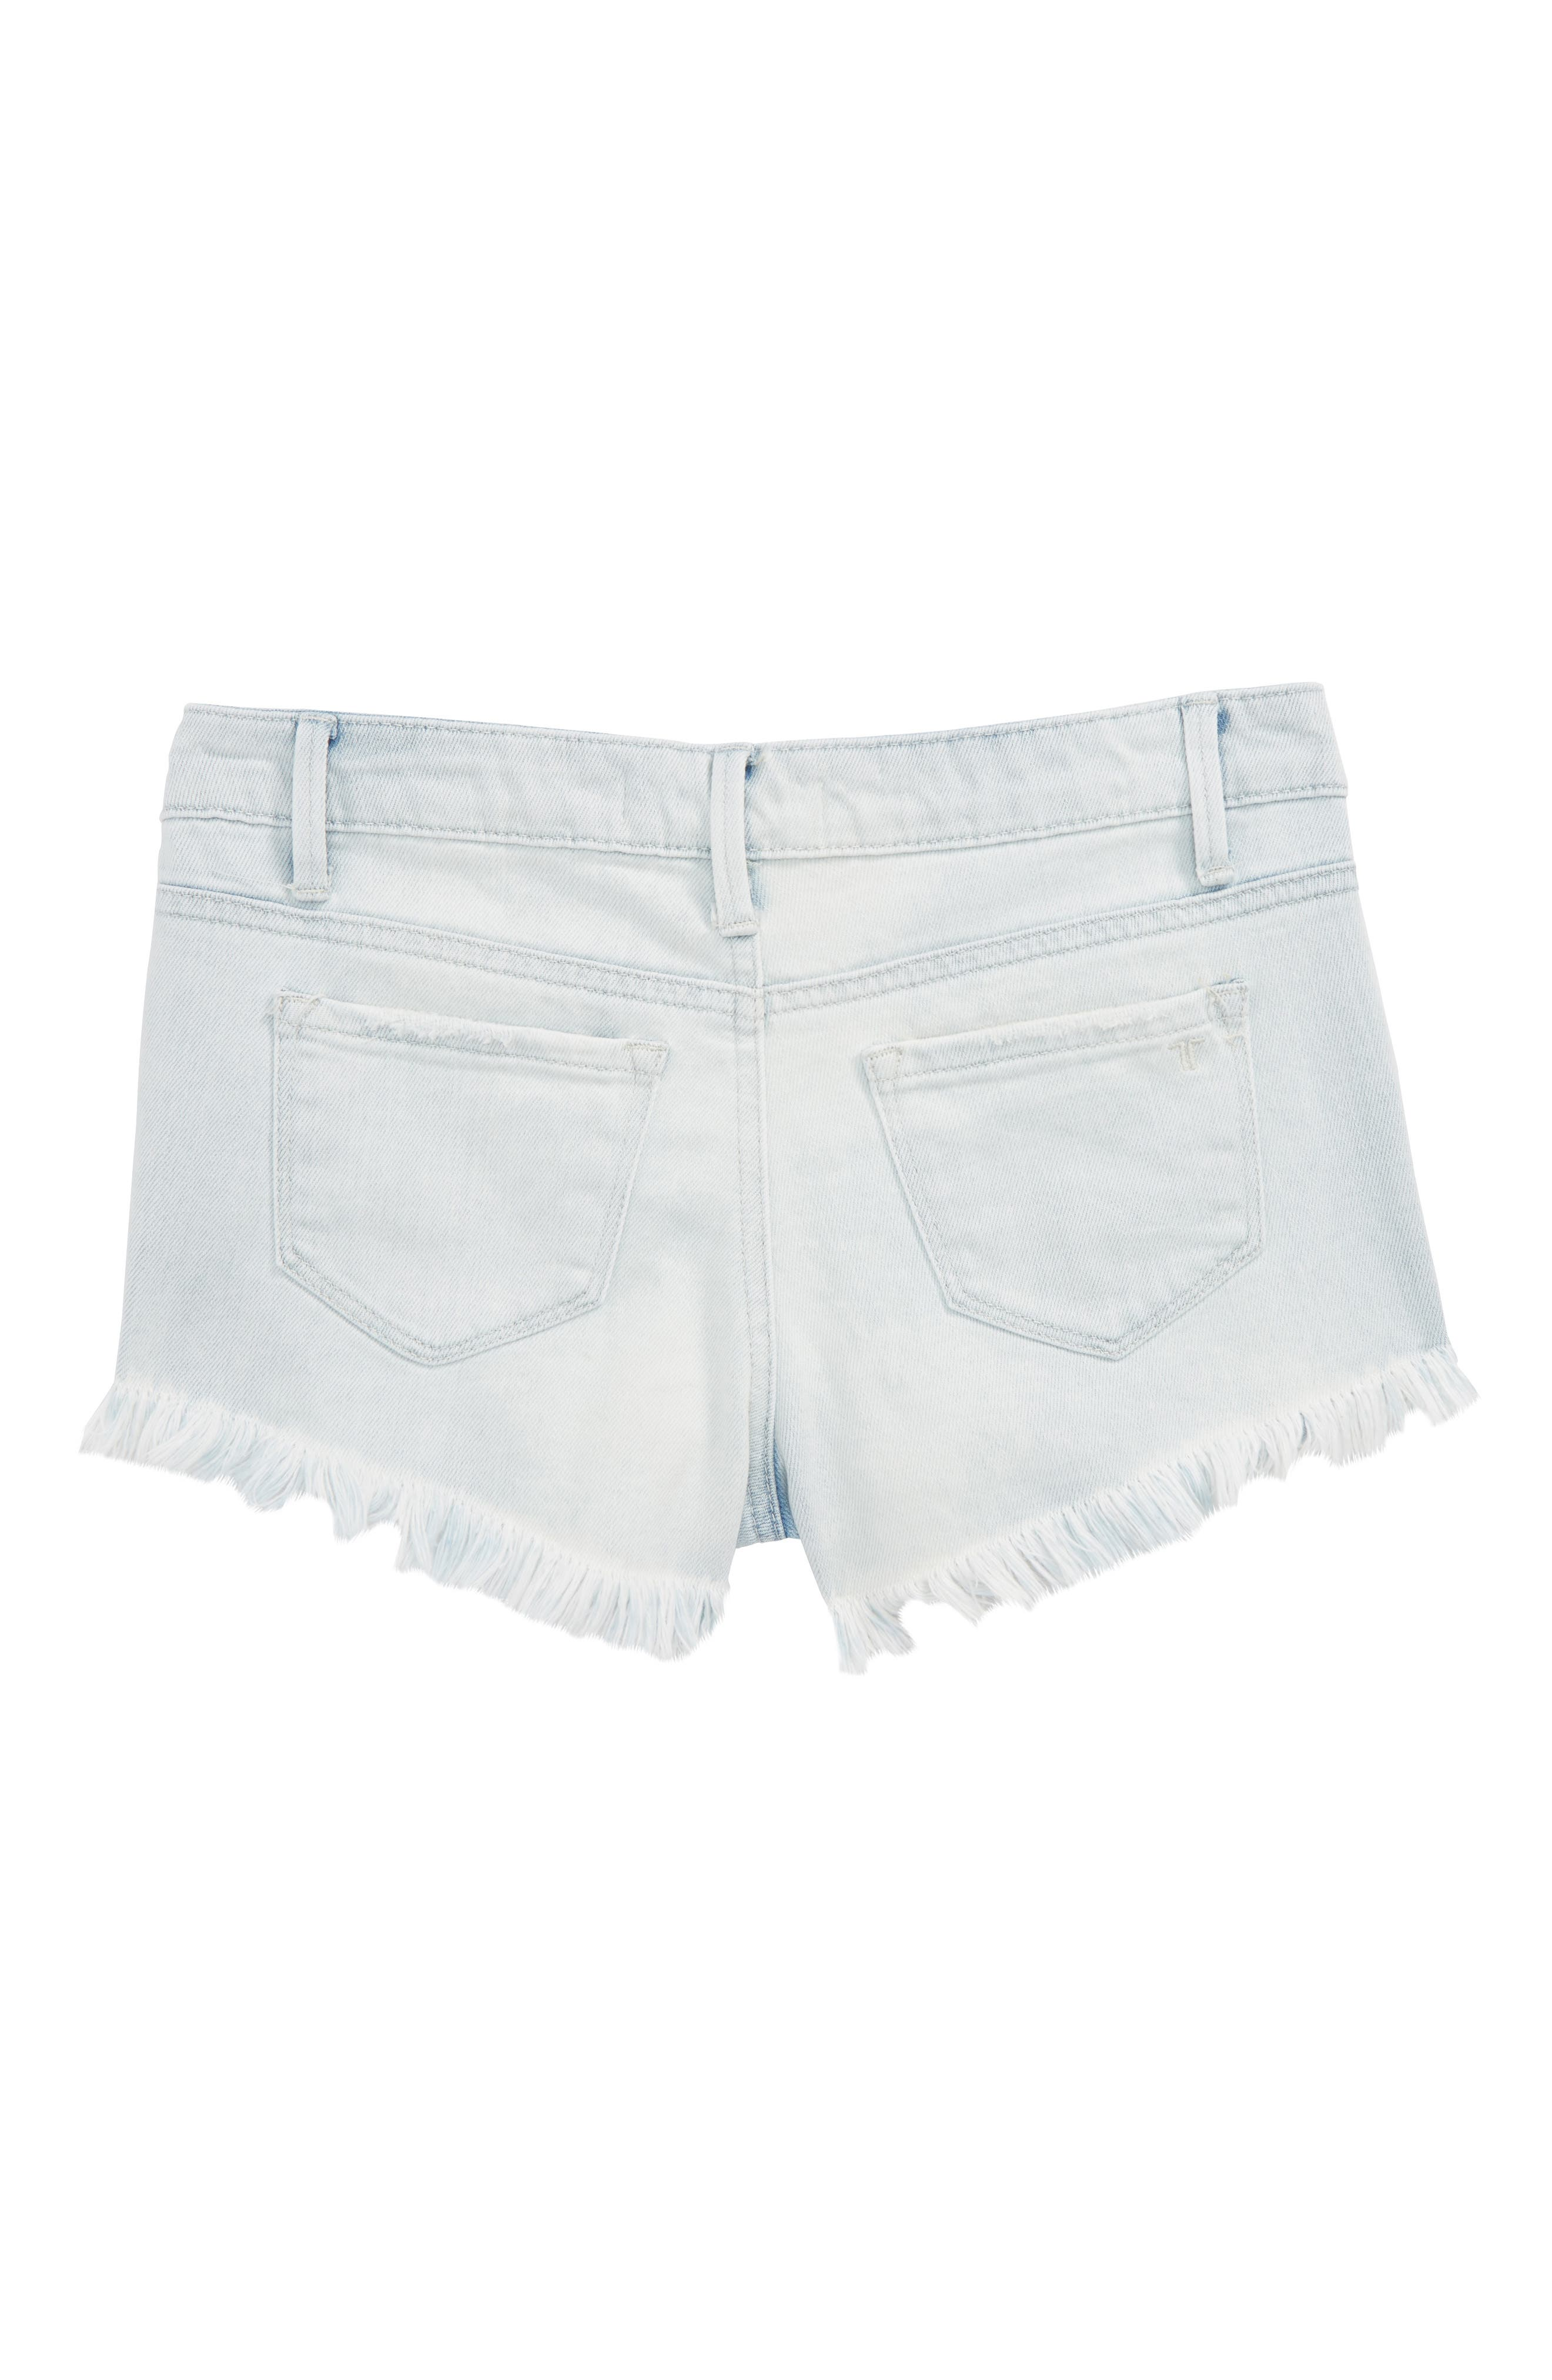 Destructed Frayed Denim Shorts,                             Alternate thumbnail 2, color,                             461